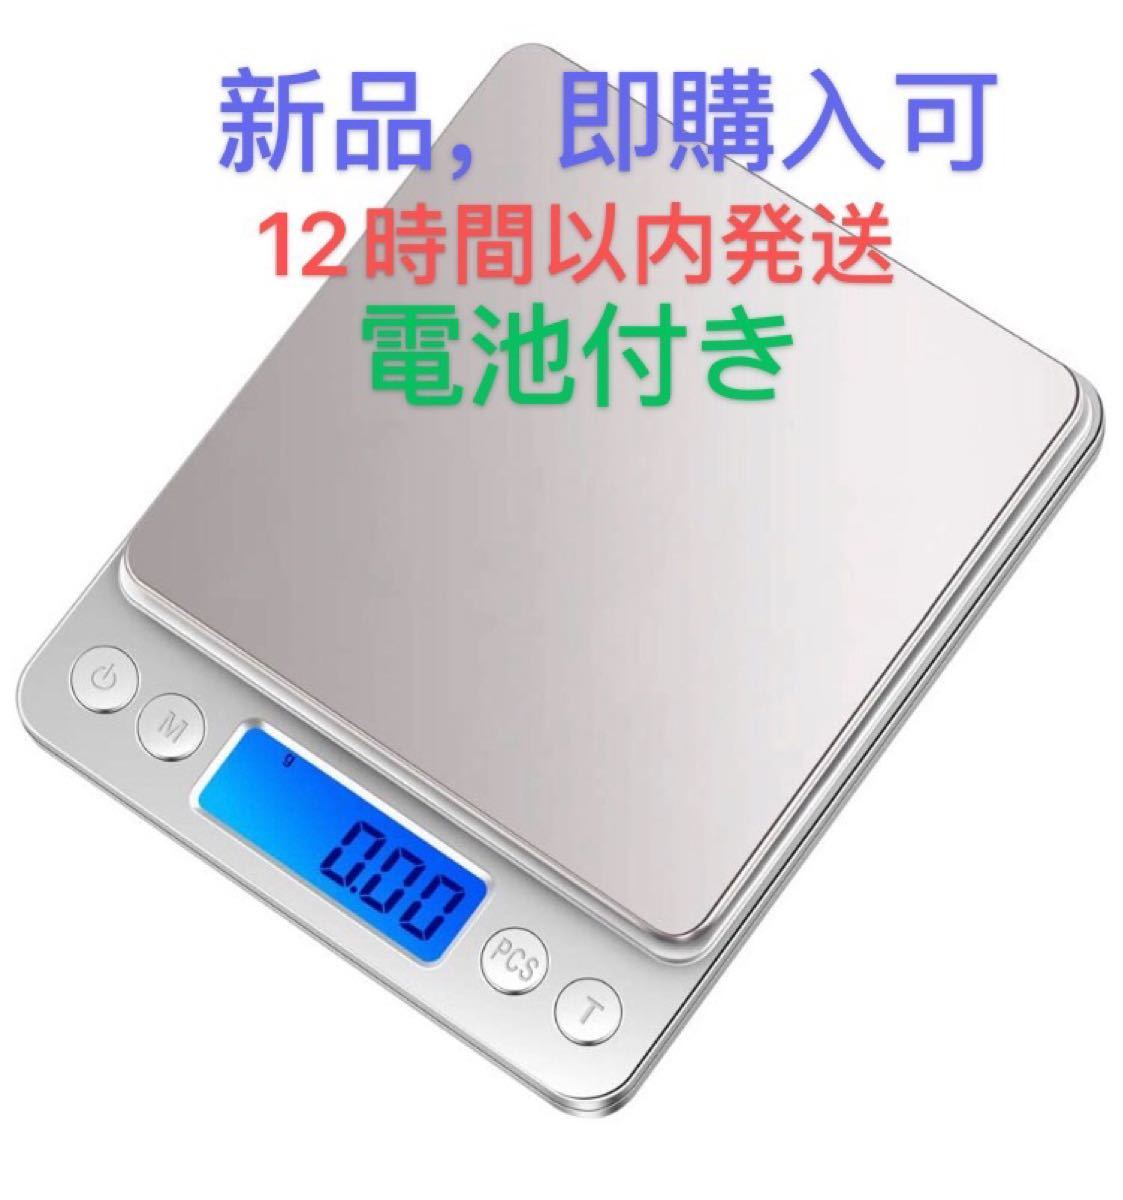 デジタルキッチンスケール デジタルスケール キッチンスケール 電子はかり風袋引き